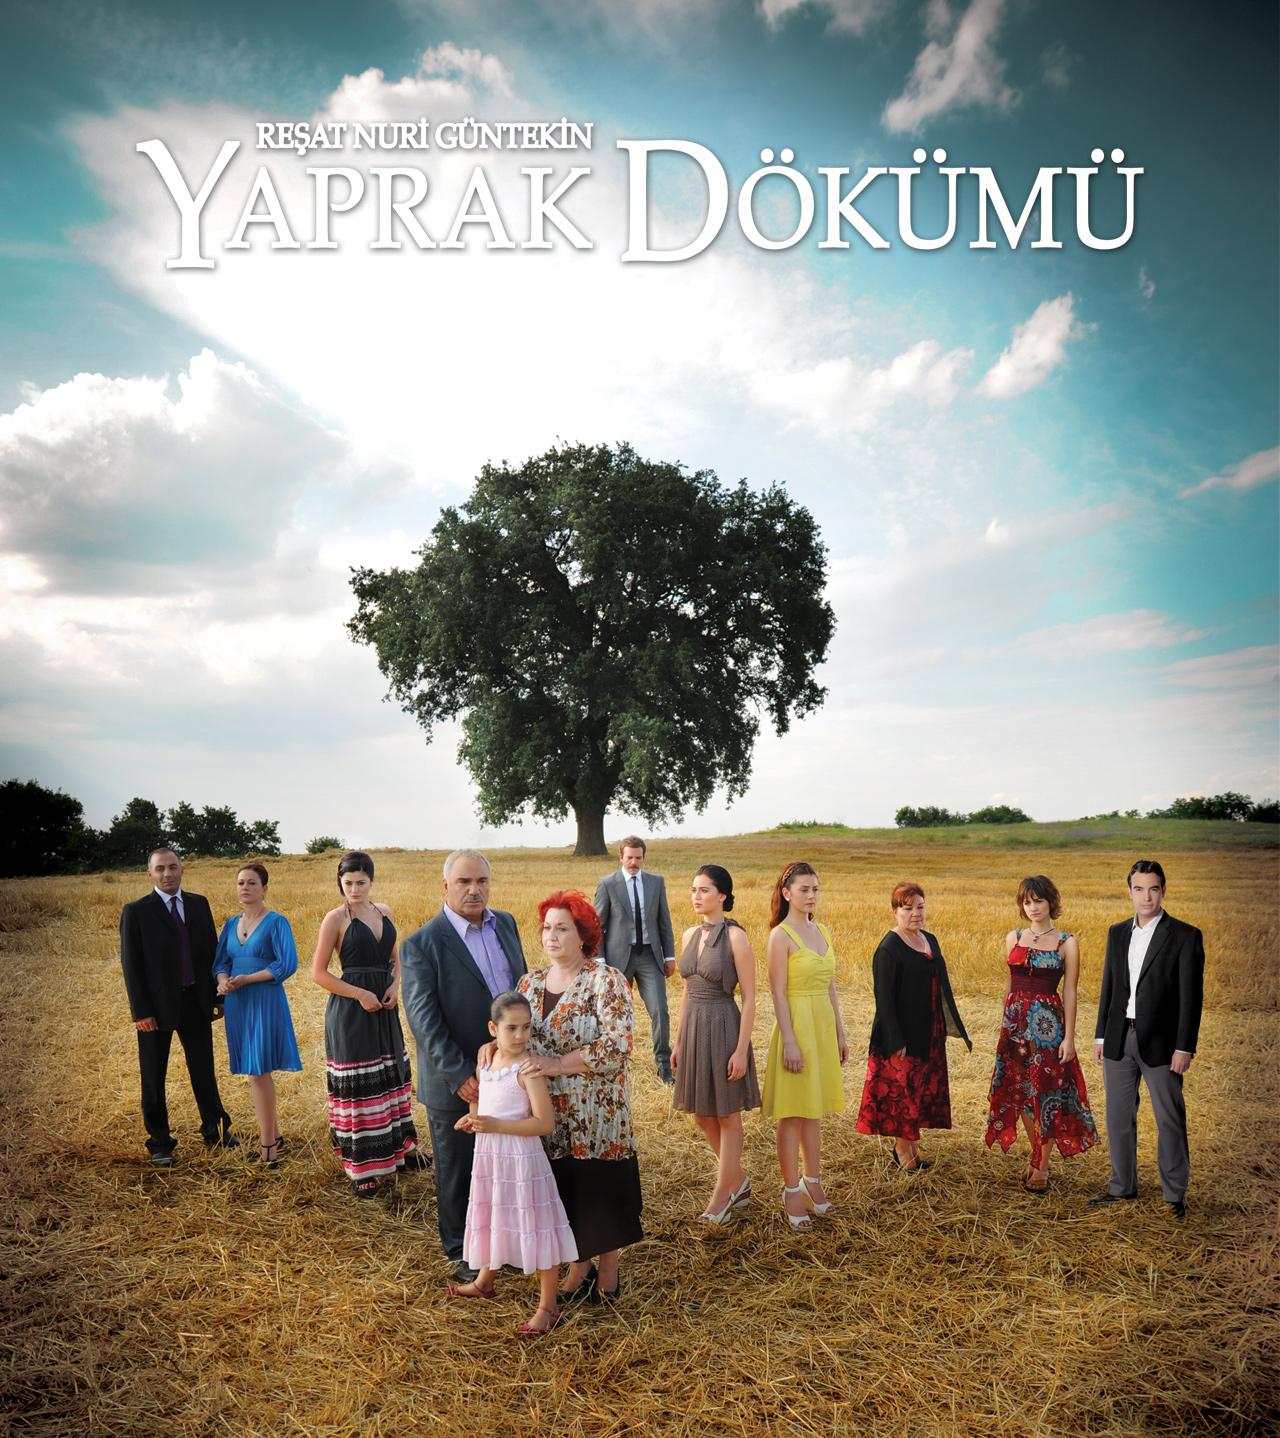 http://4.bp.blogspot.com/_mFgbt7Y3hY8/TPhLr3MKwSI/AAAAAAAAAAk/GRxotXnj_qM/s1600/yaprak+dokumu.jpg